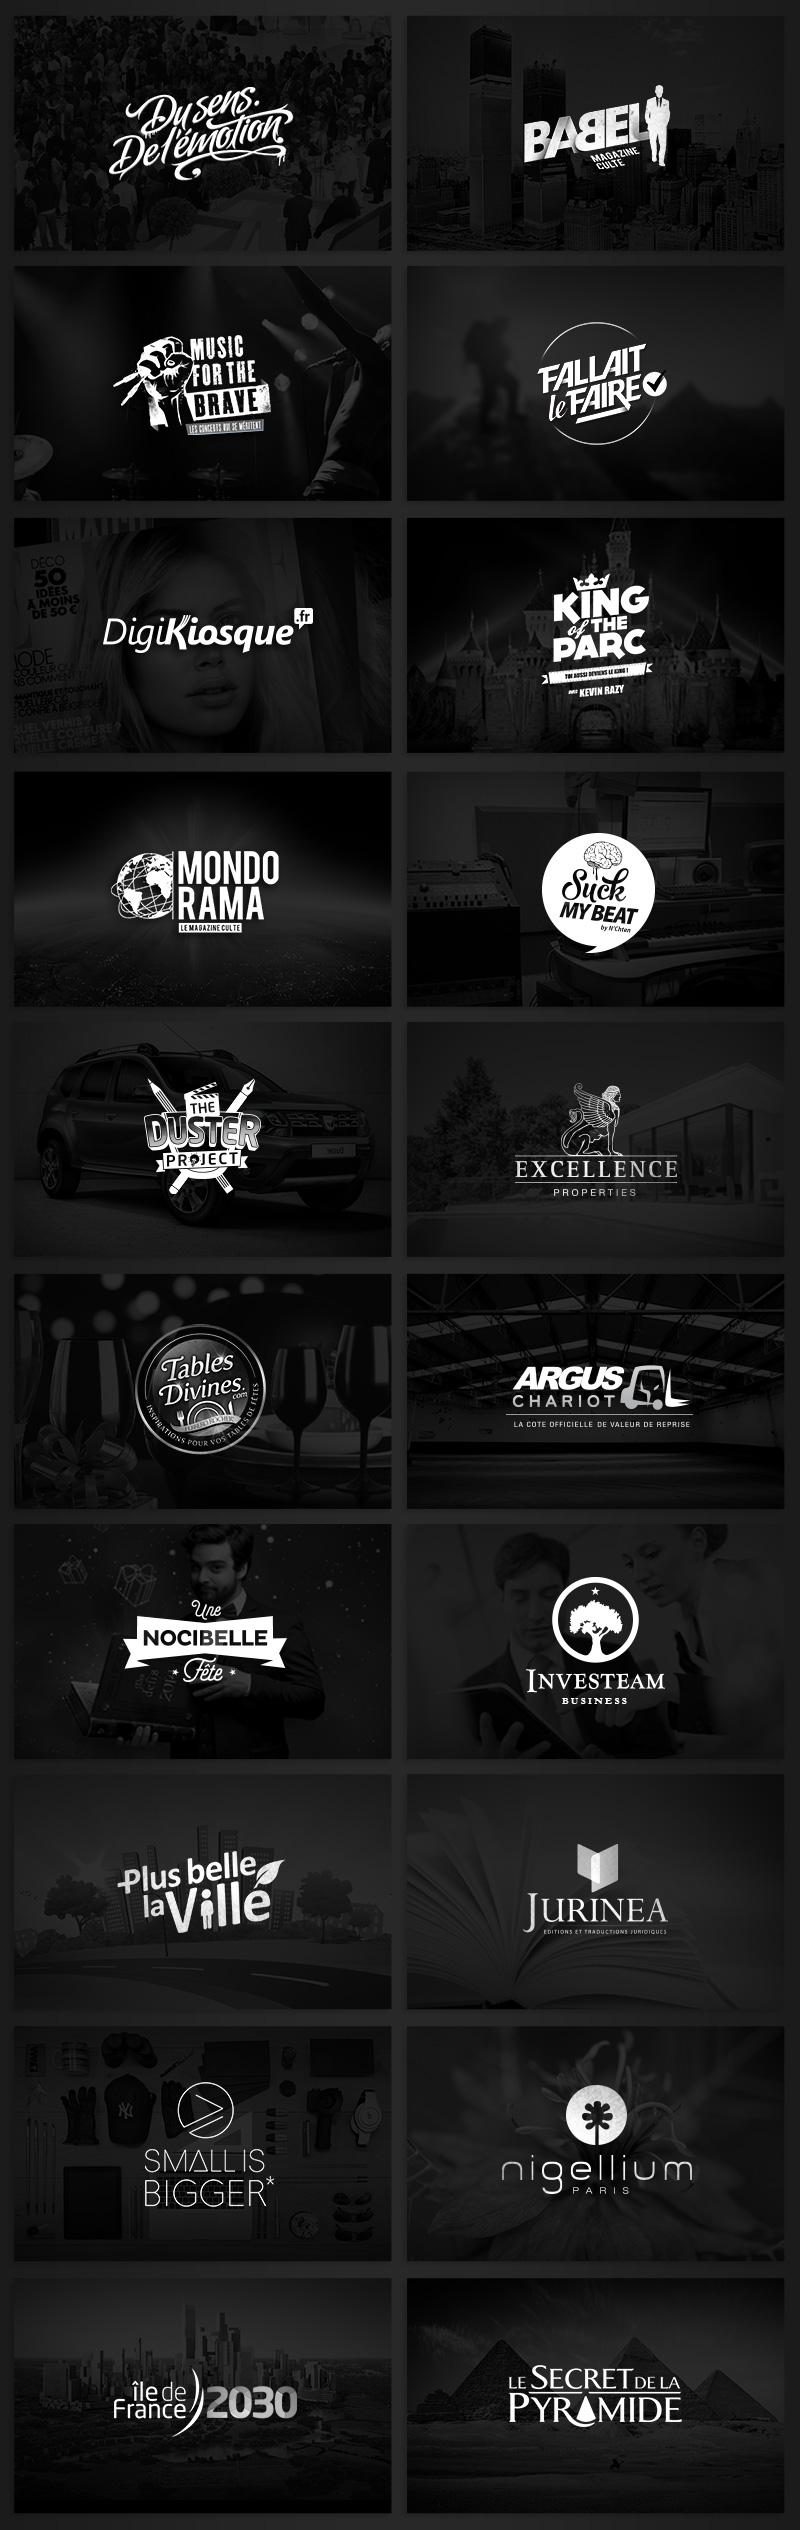 Directeur artistique freelance Portfolio Paris - Logos